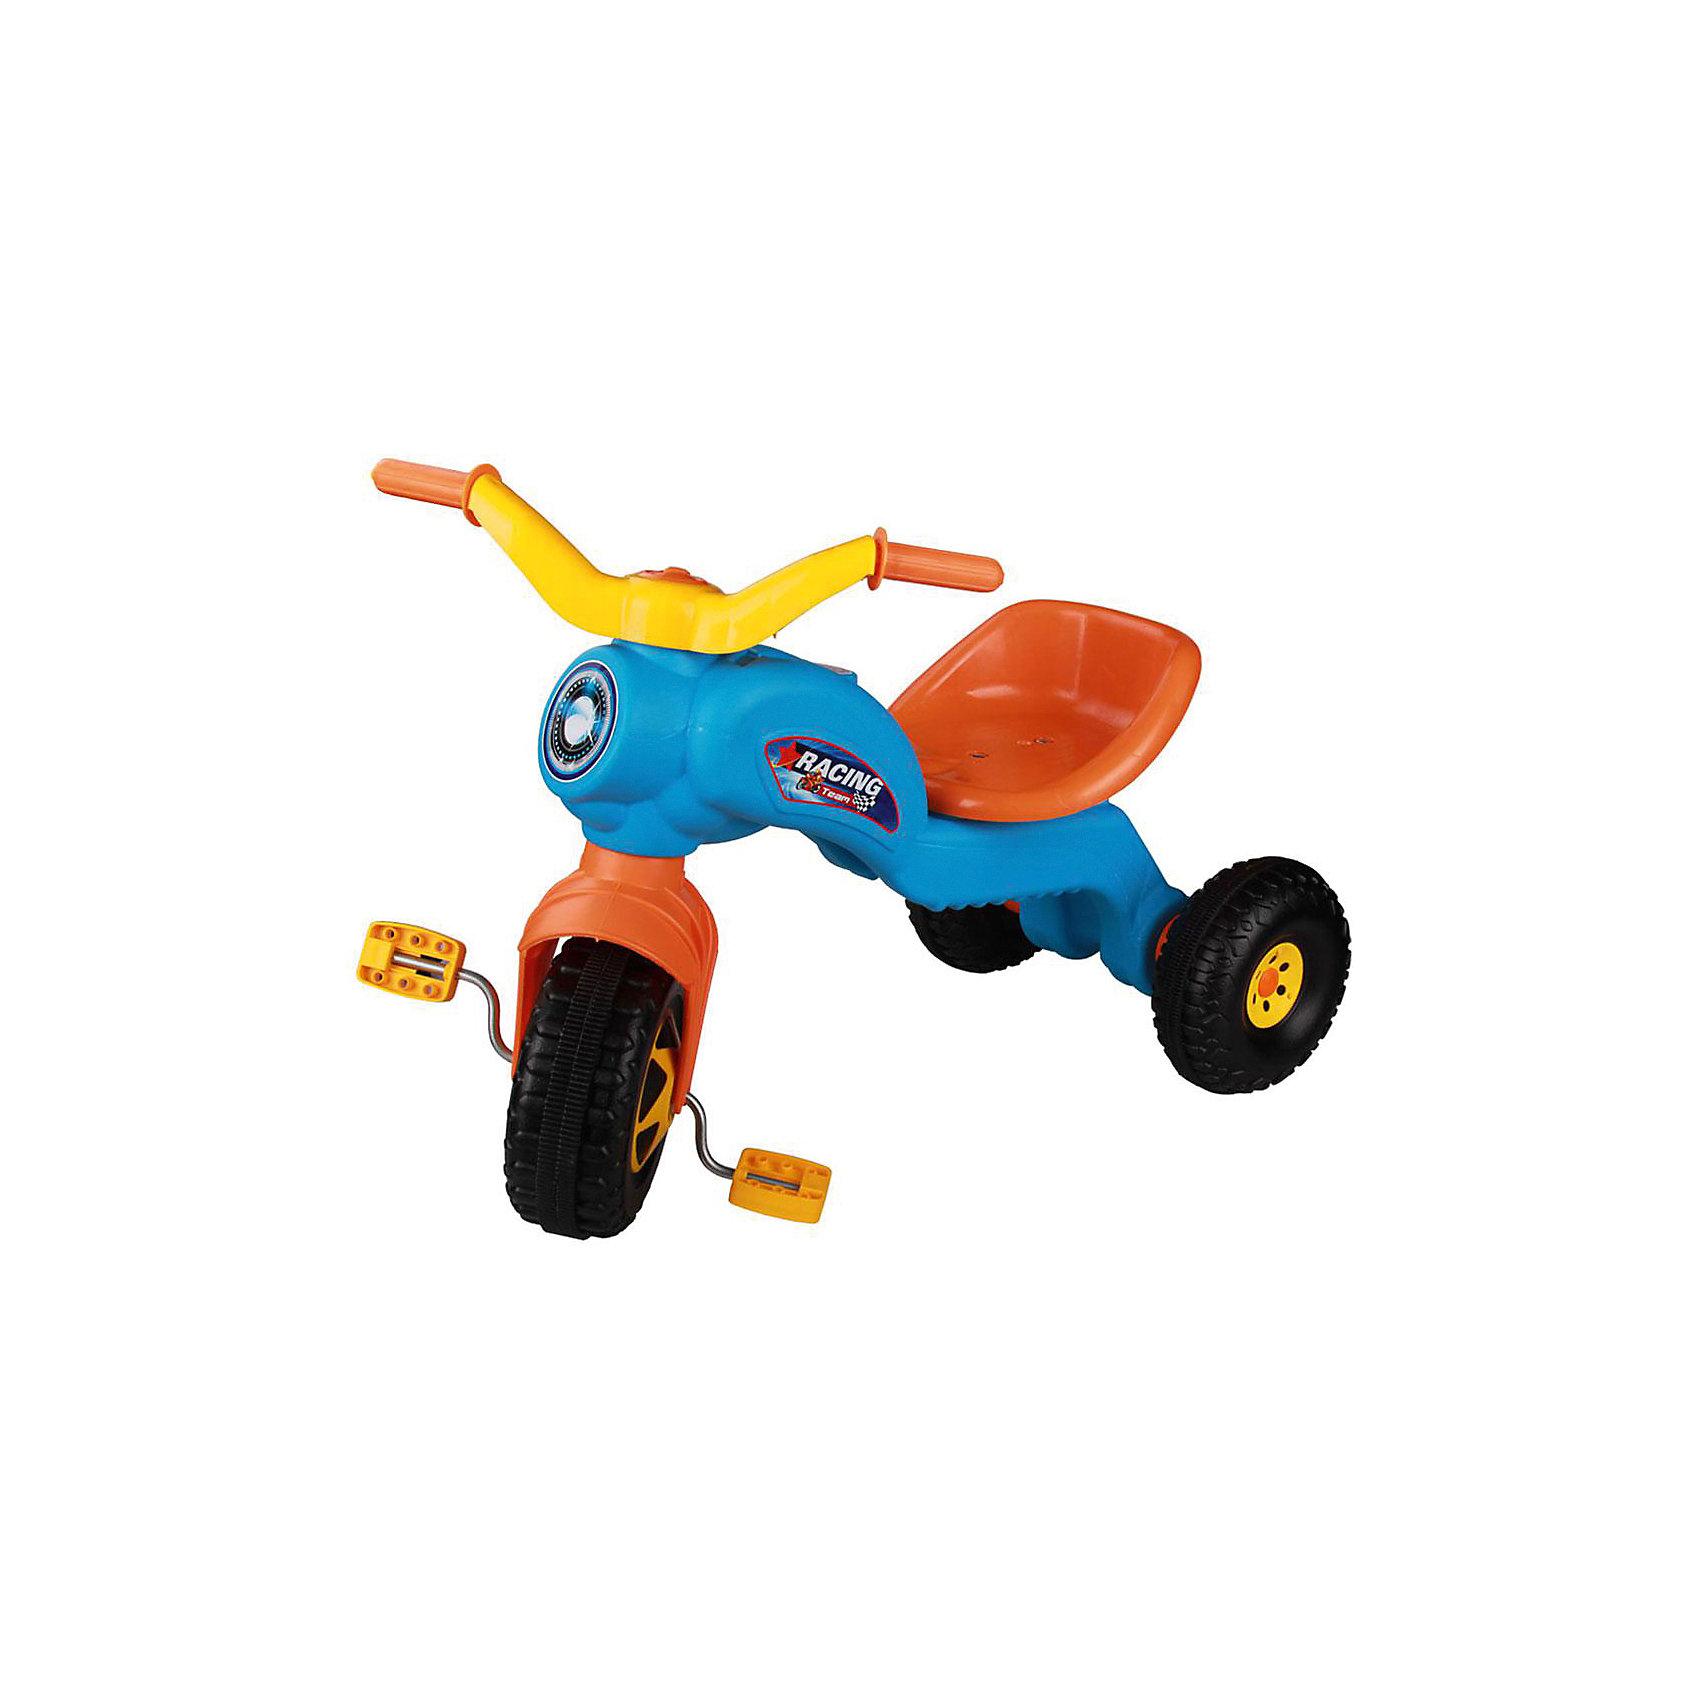 Велосипед трехколесный Чемпион ,  Alternativa, голубойТрехколесный велосипед Чемпион отлично подойдет в качестве первого транспорта малыша. Модель имеет удобное сидение и наклейки в виде фары. Велосипед очень компактный, его легко можно взять с собой на прогулку. Приятный дизайн понравится малышу, и он с удовольствием будет учиться кататься!<br><br>Дополнительная информация:<br>Цвет: голубой<br>Размеры: 69х39,7х49,5 см<br>Материал: пластик, металл<br><br>Трехколесный велосипед Чемпион можно купить в нашем интернет-магазине.<br><br>Ширина мм: 690<br>Глубина мм: 397<br>Высота мм: 495<br>Вес г: 2044<br>Возраст от месяцев: 36<br>Возраст до месяцев: 144<br>Пол: Унисекс<br>Возраст: Детский<br>SKU: 4979679